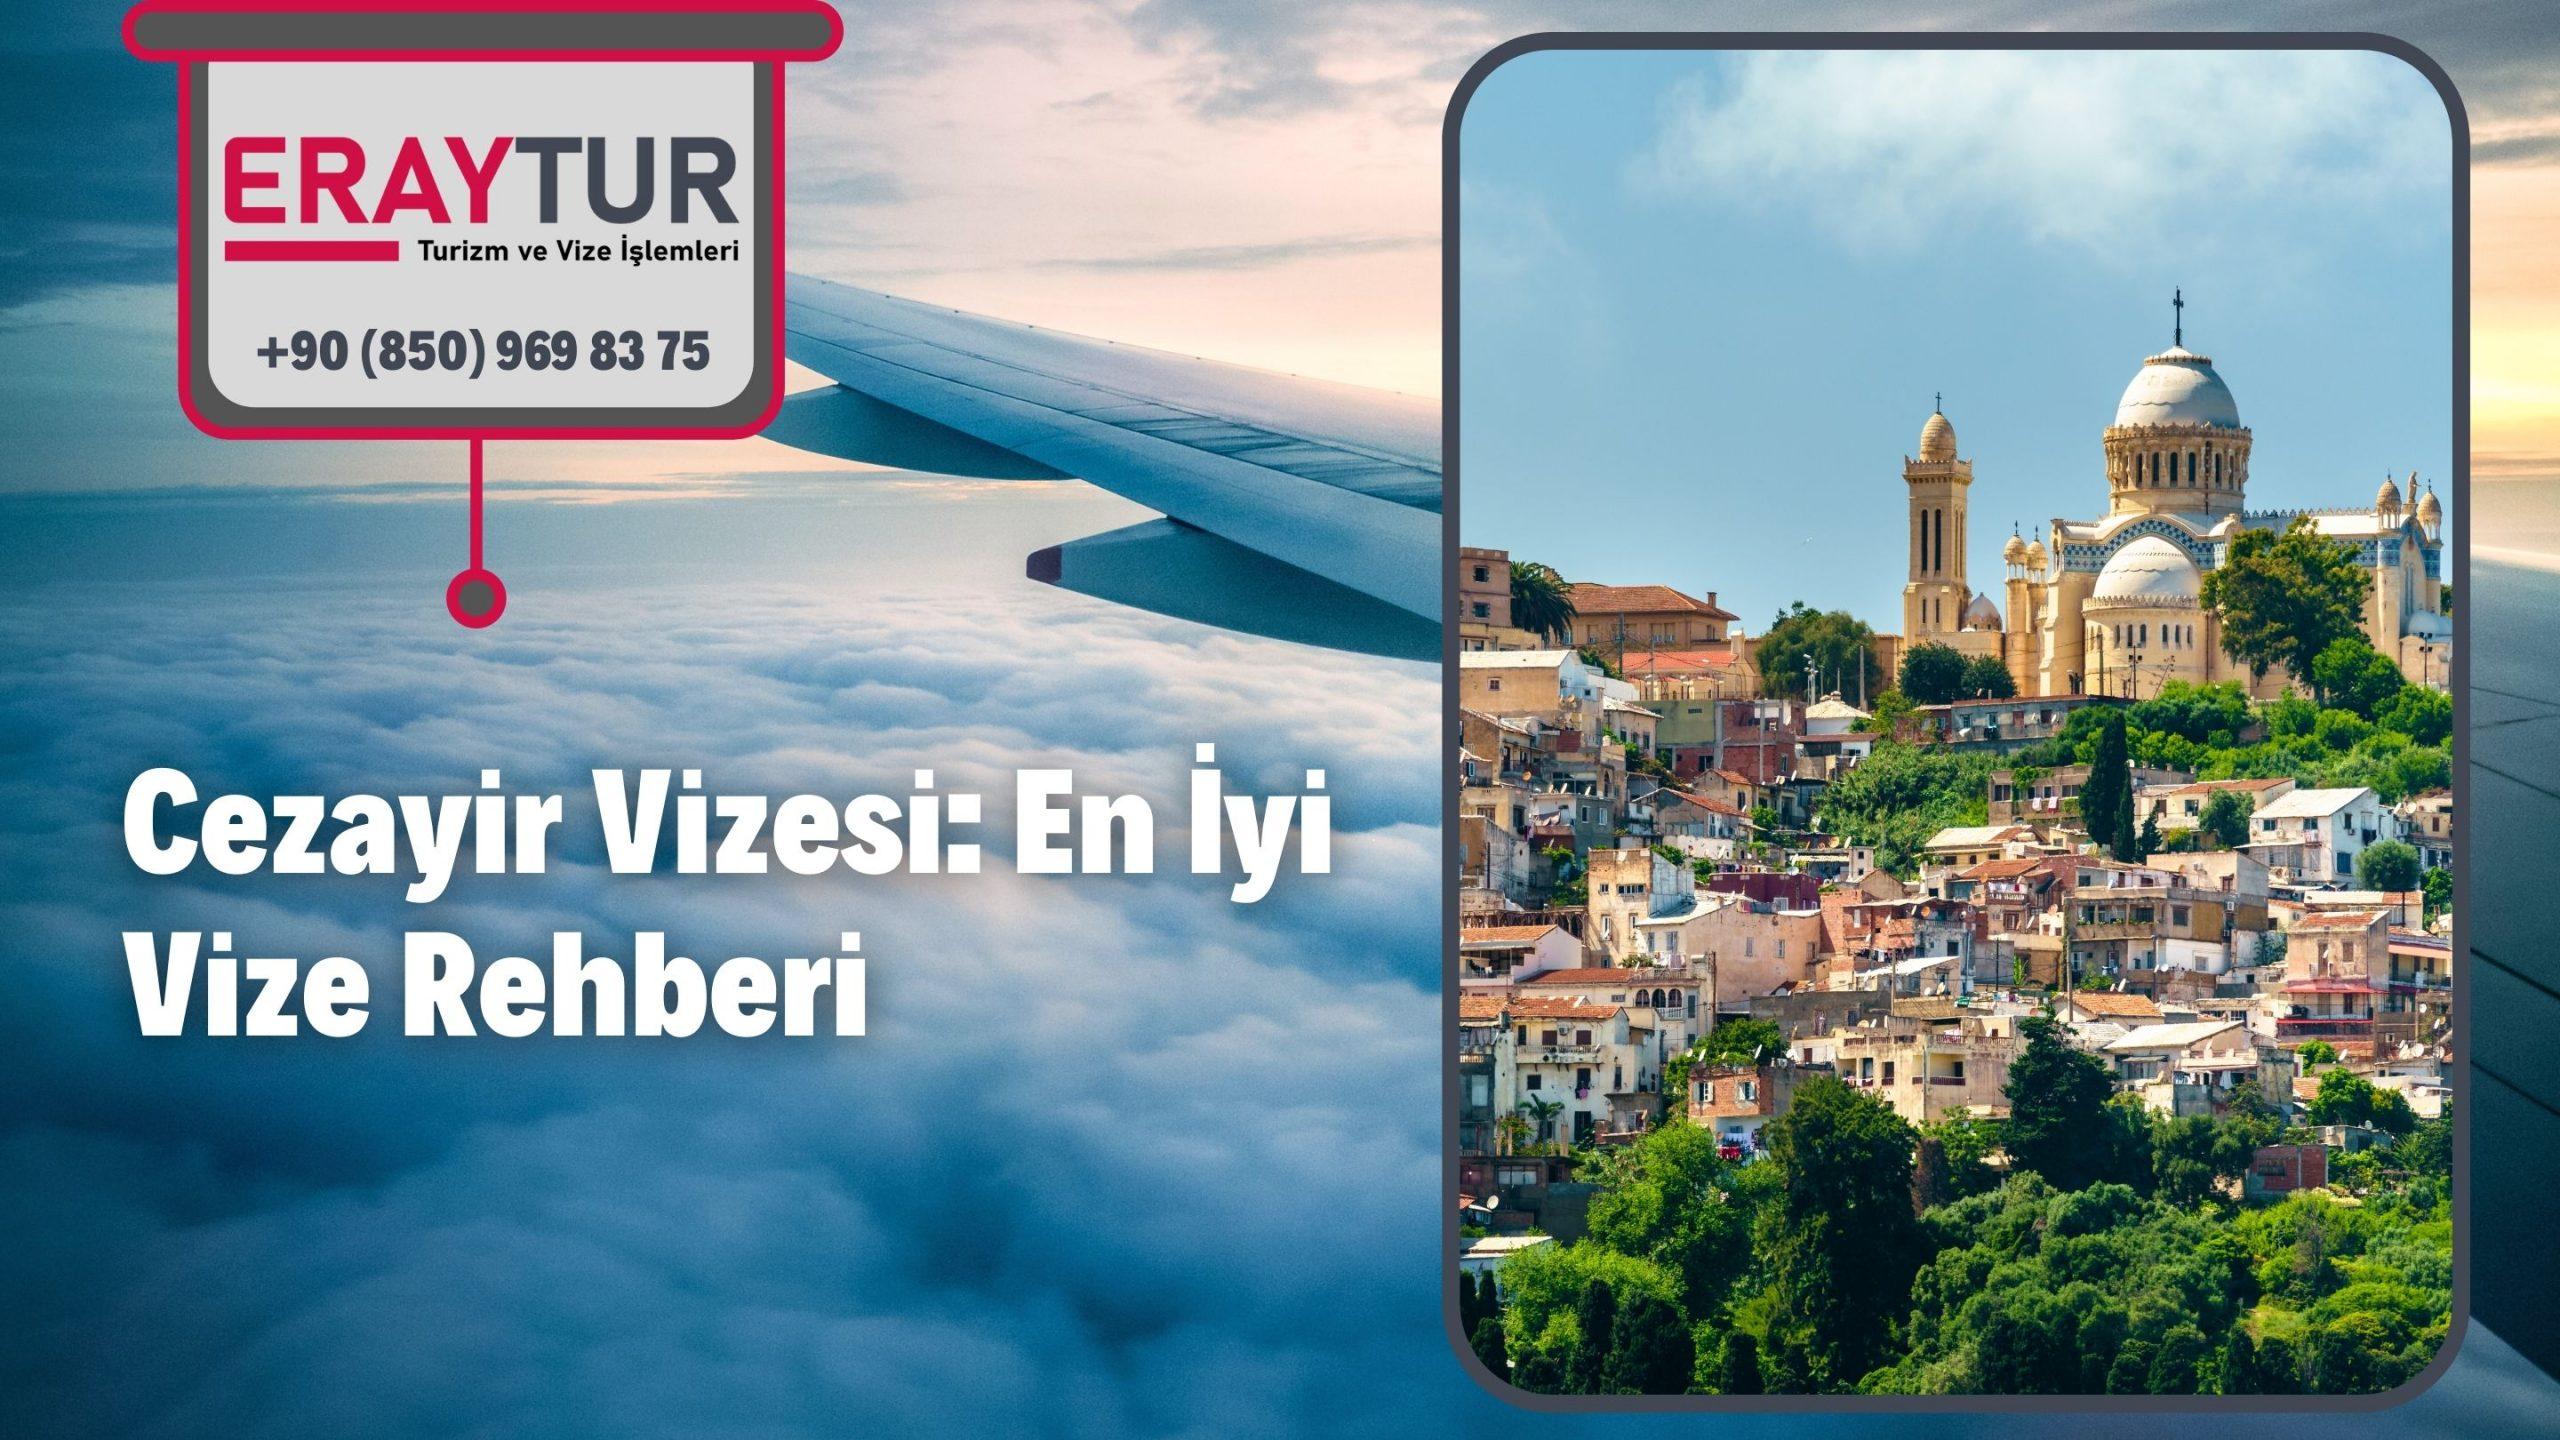 Cezayir Vizesi: En İyi Vize Rehberi 2021